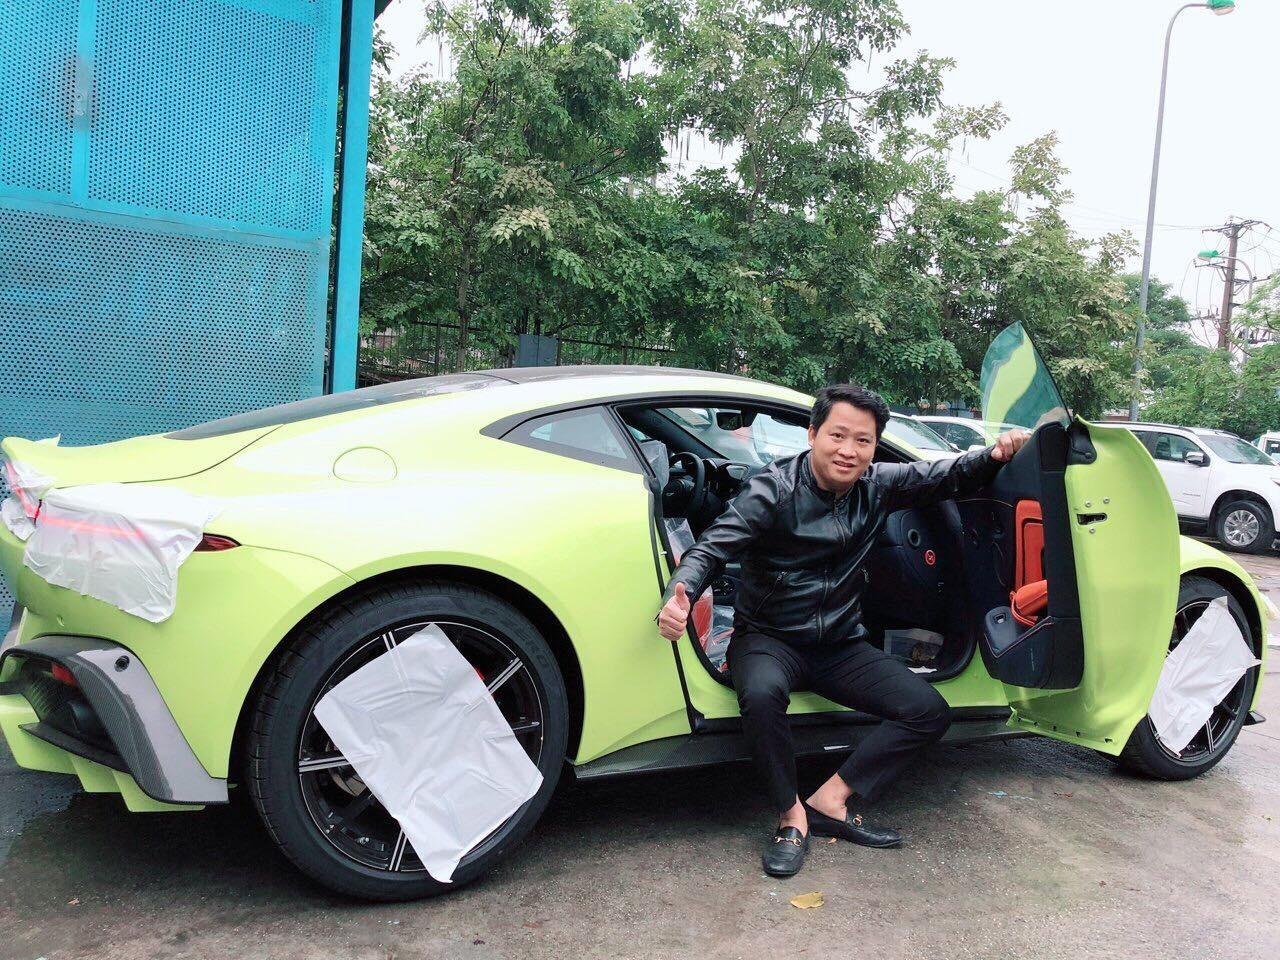 Mua 1 lúc 2 siêu xe 30 tỷ: Siêu giàu Việt chịu chơi, sếp Tây ngã ngửa-2